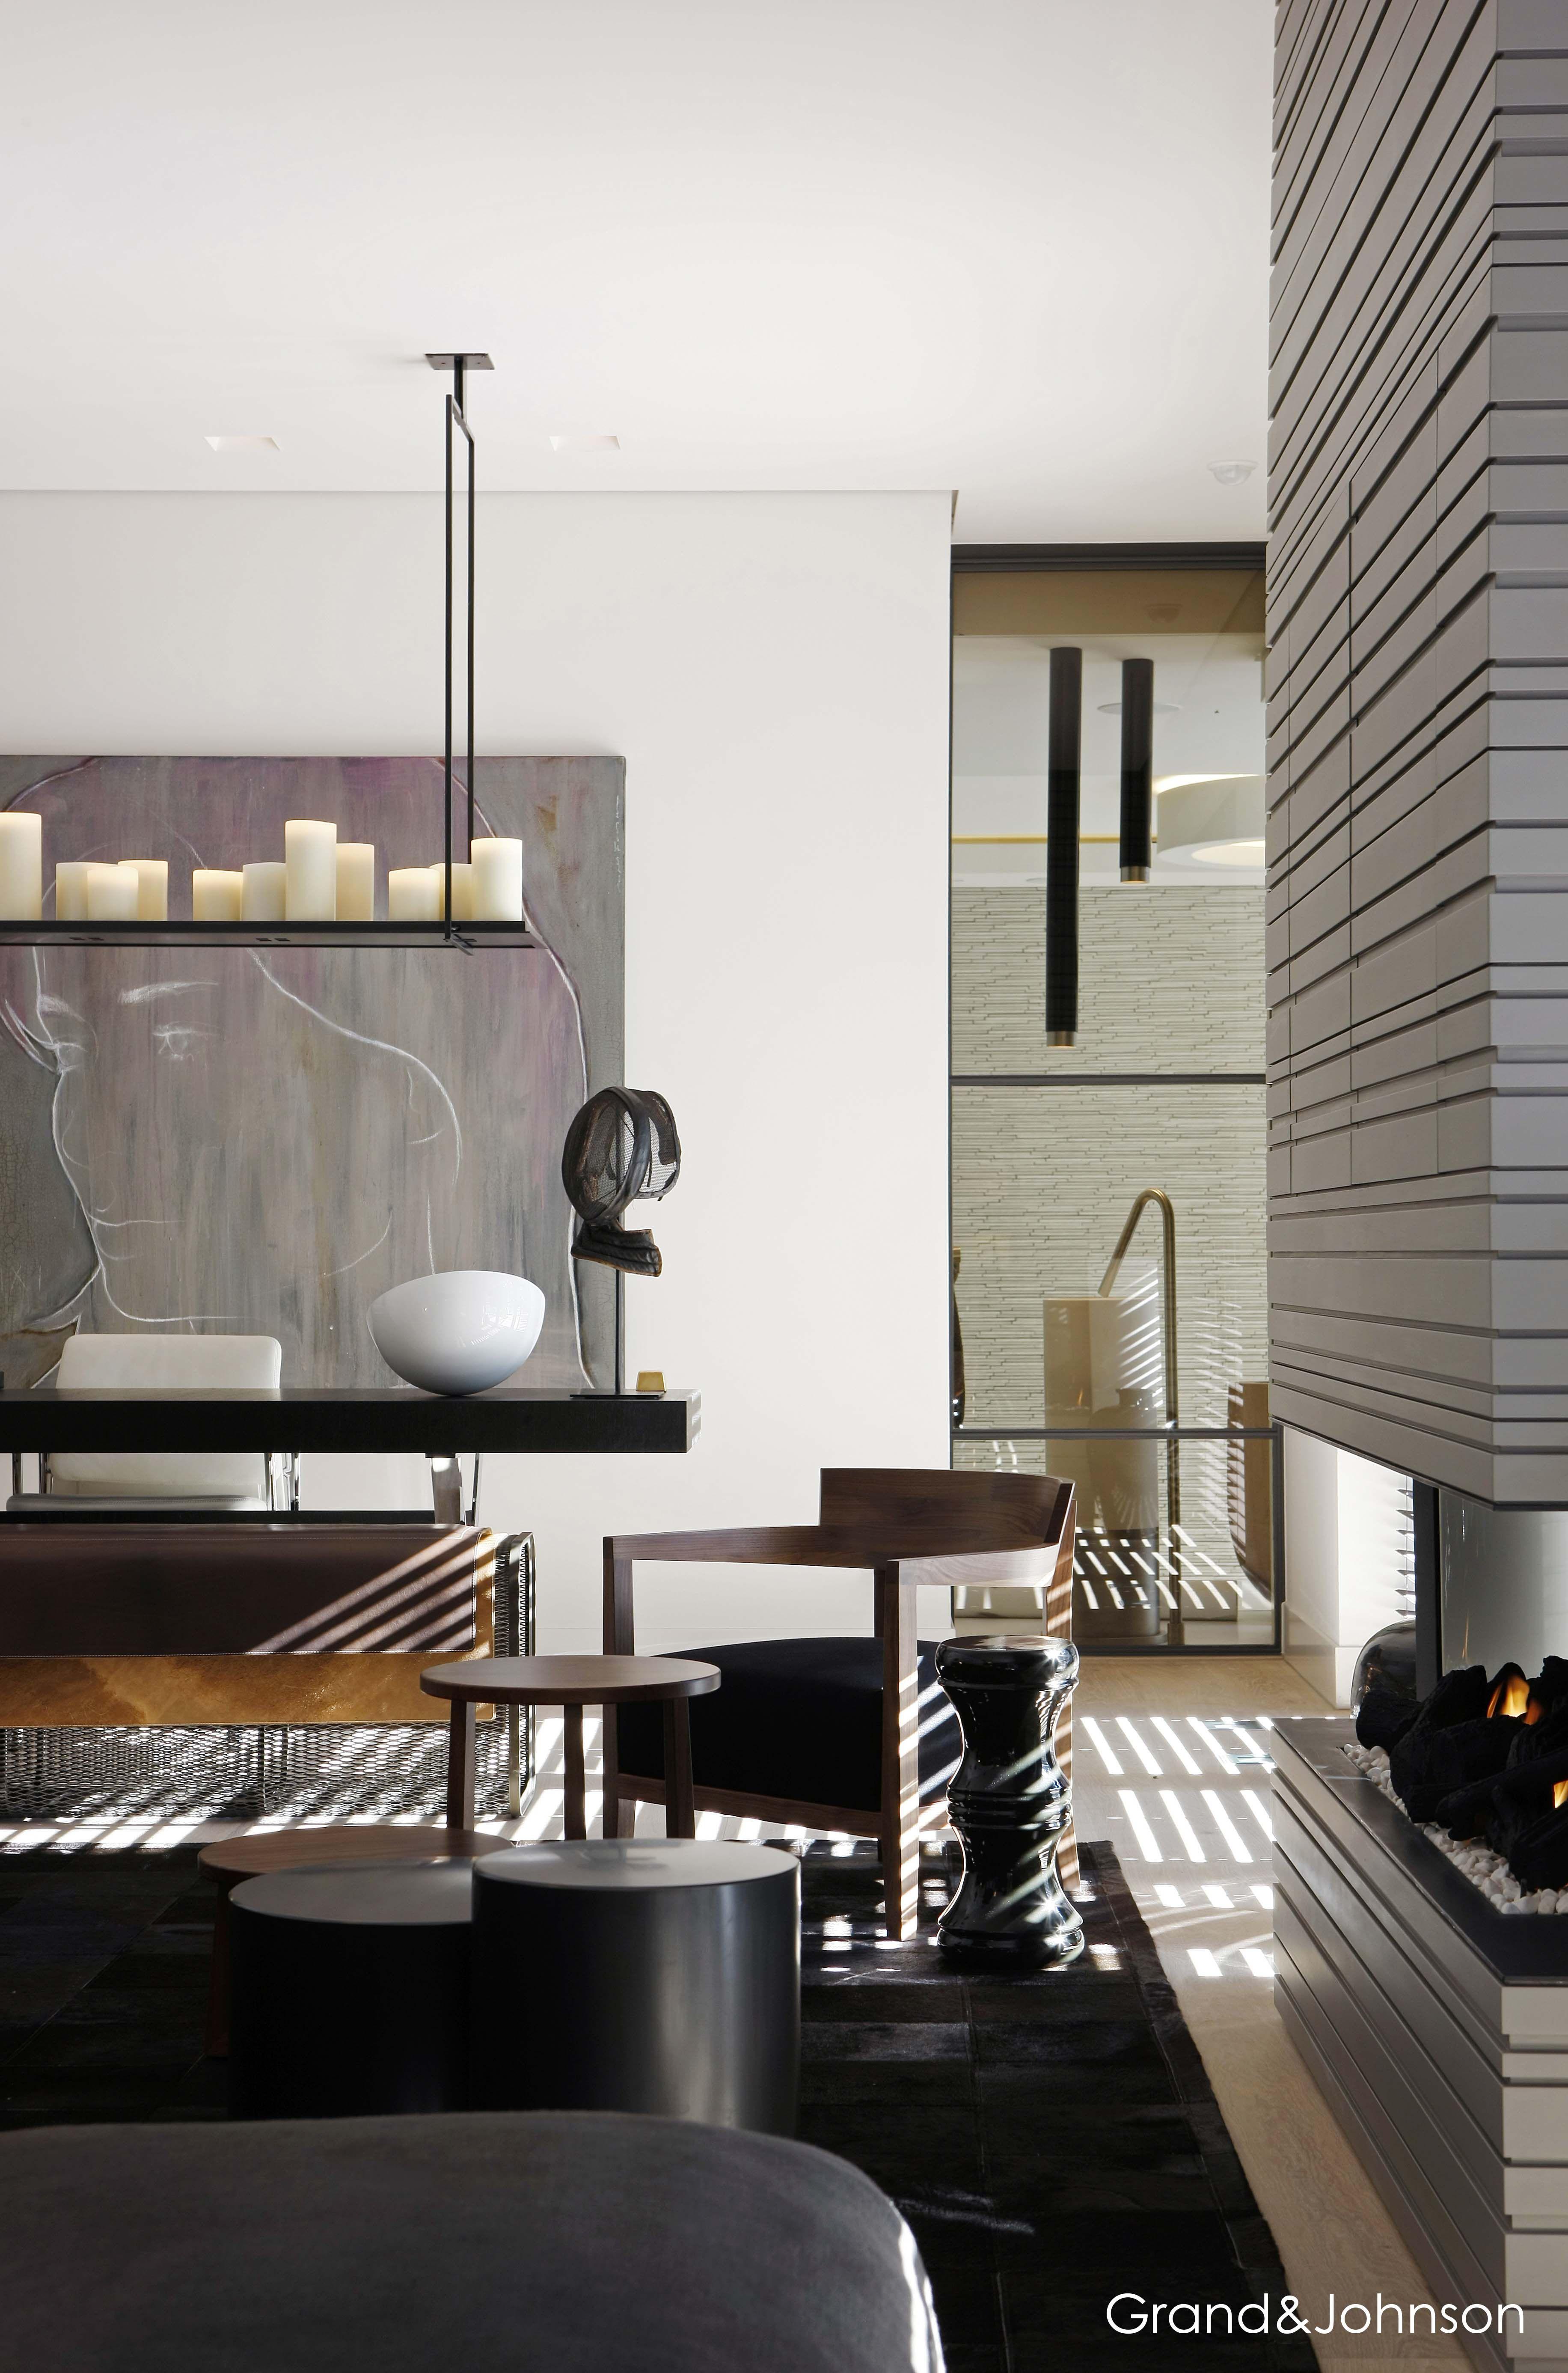 Idee Per Interni, Interni Moderni, Interni Casa, Salotti Moderni, Design  Moderno, Design Per Casa Da Sogno, Design Della Sala Da Pranzo,  Arquitetura, ...